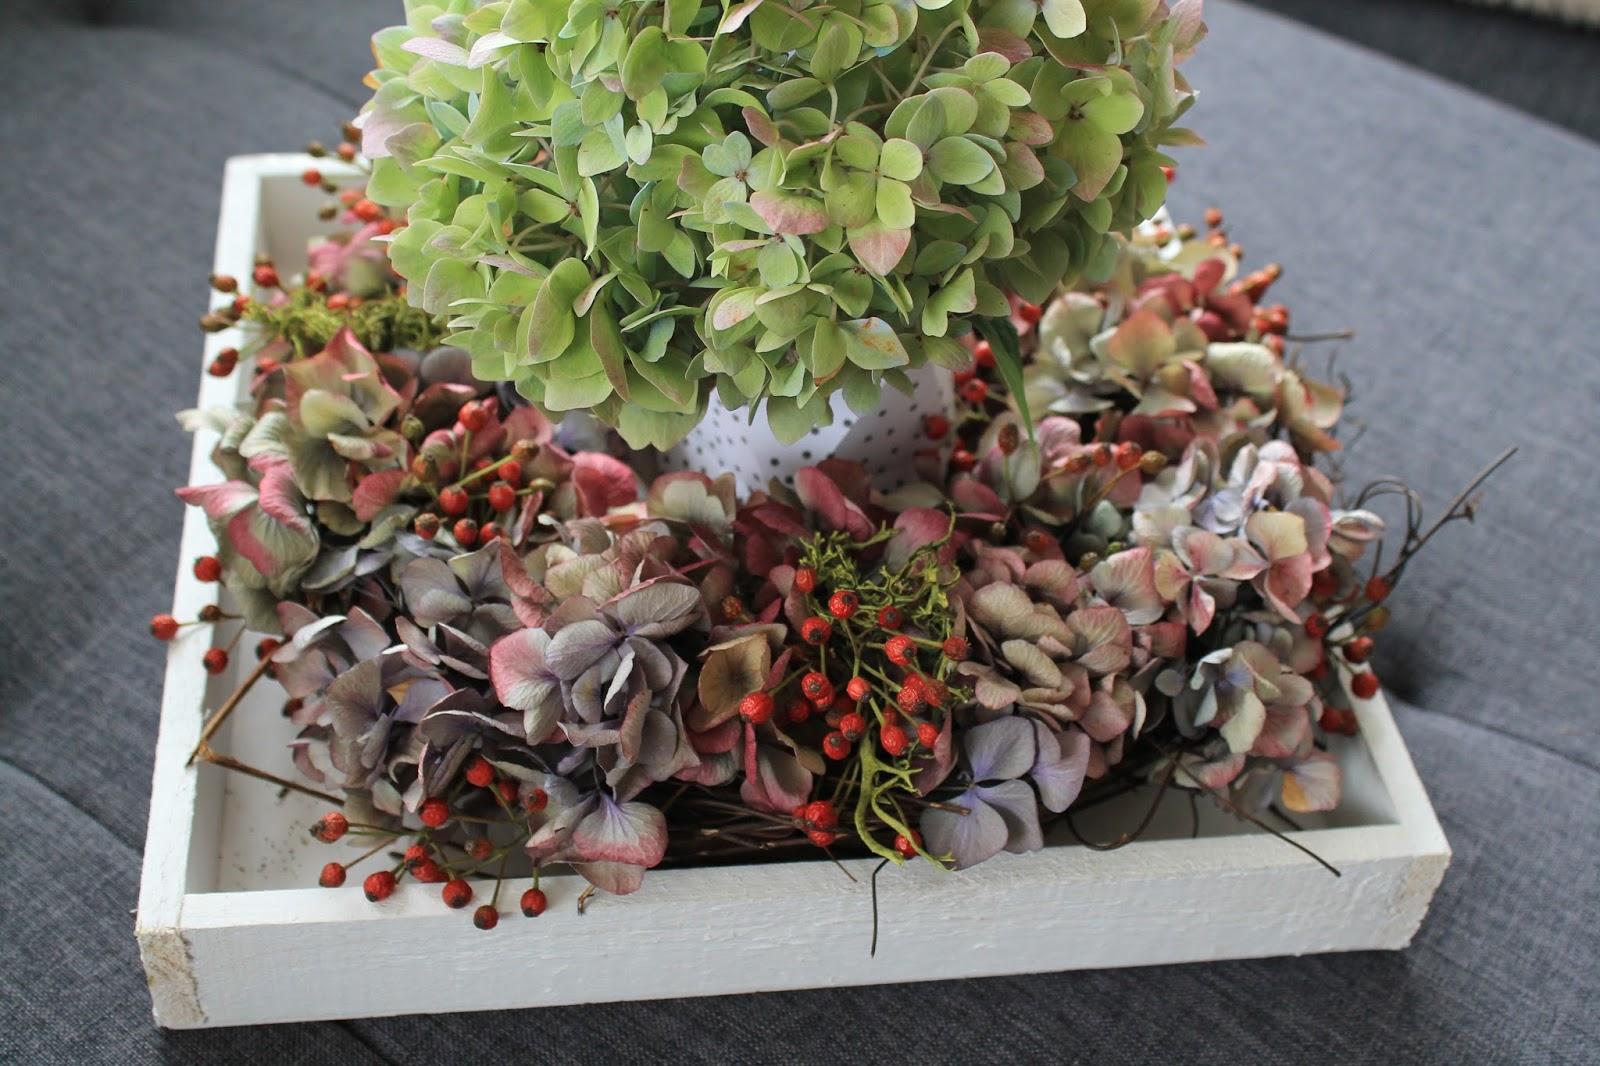 kleines freudenhaus diy herbstkranz aus hortensien. Black Bedroom Furniture Sets. Home Design Ideas